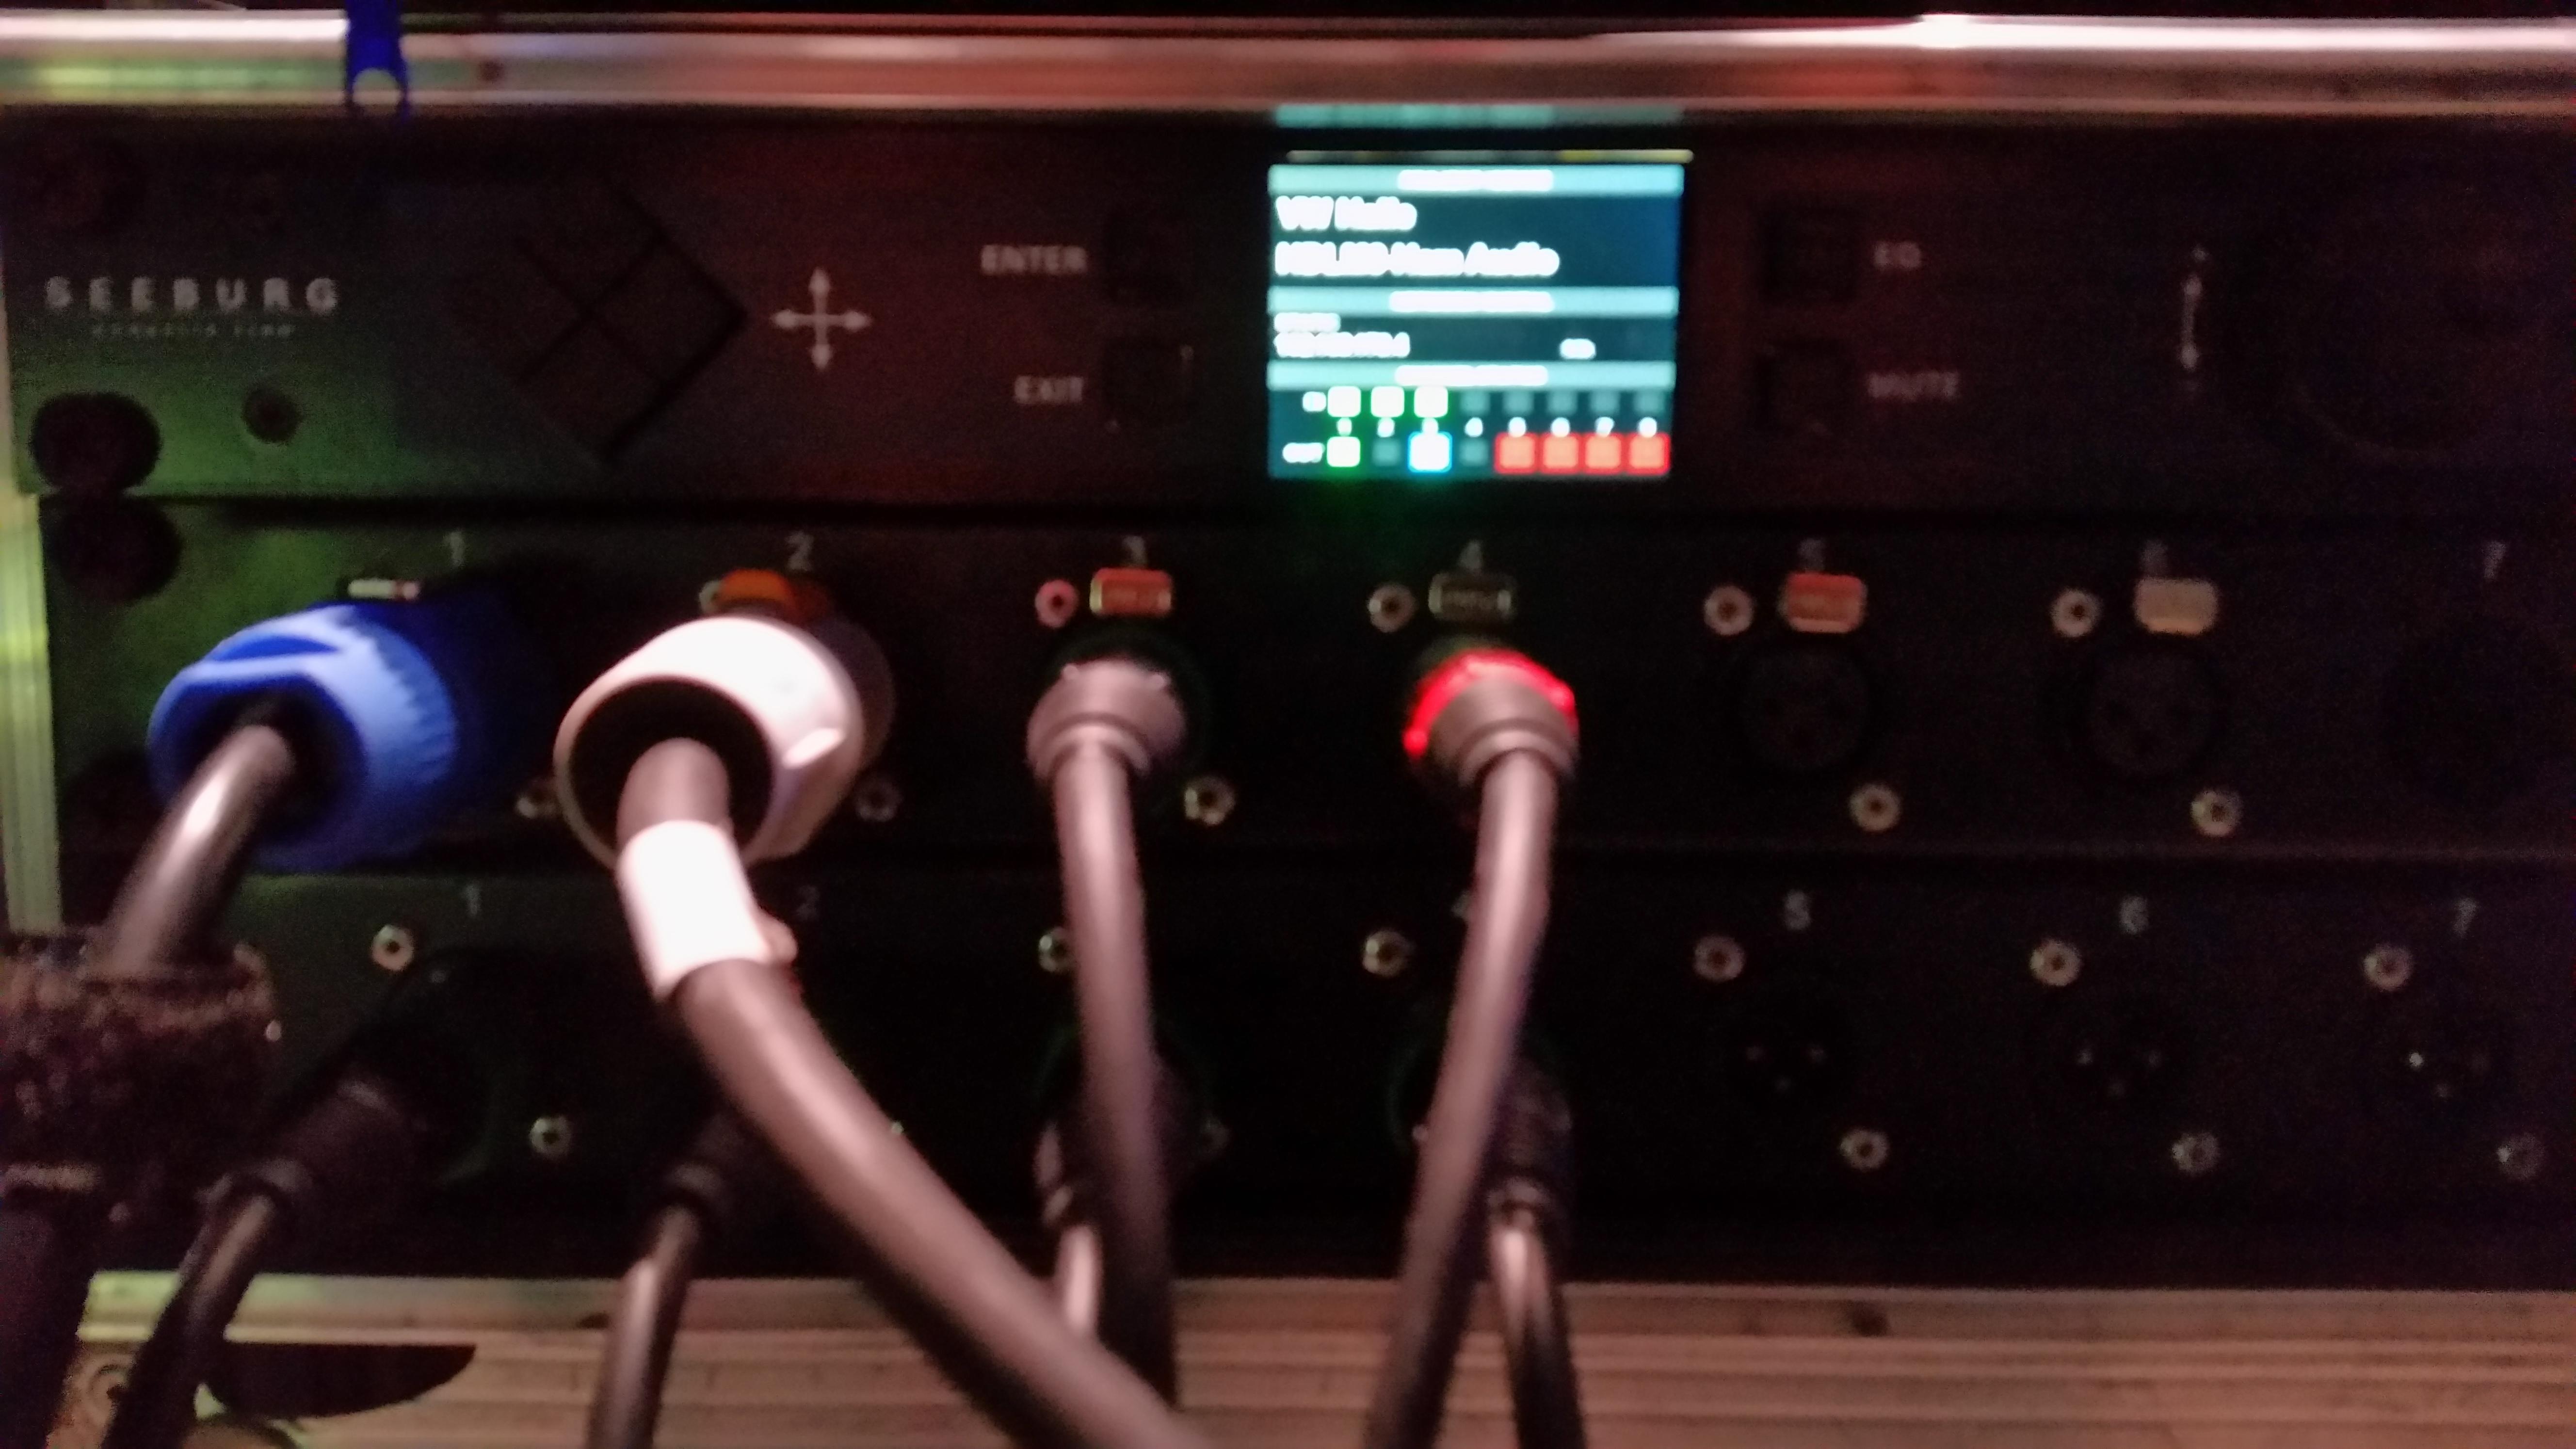 unser HDLM8 Controller im Einsatz